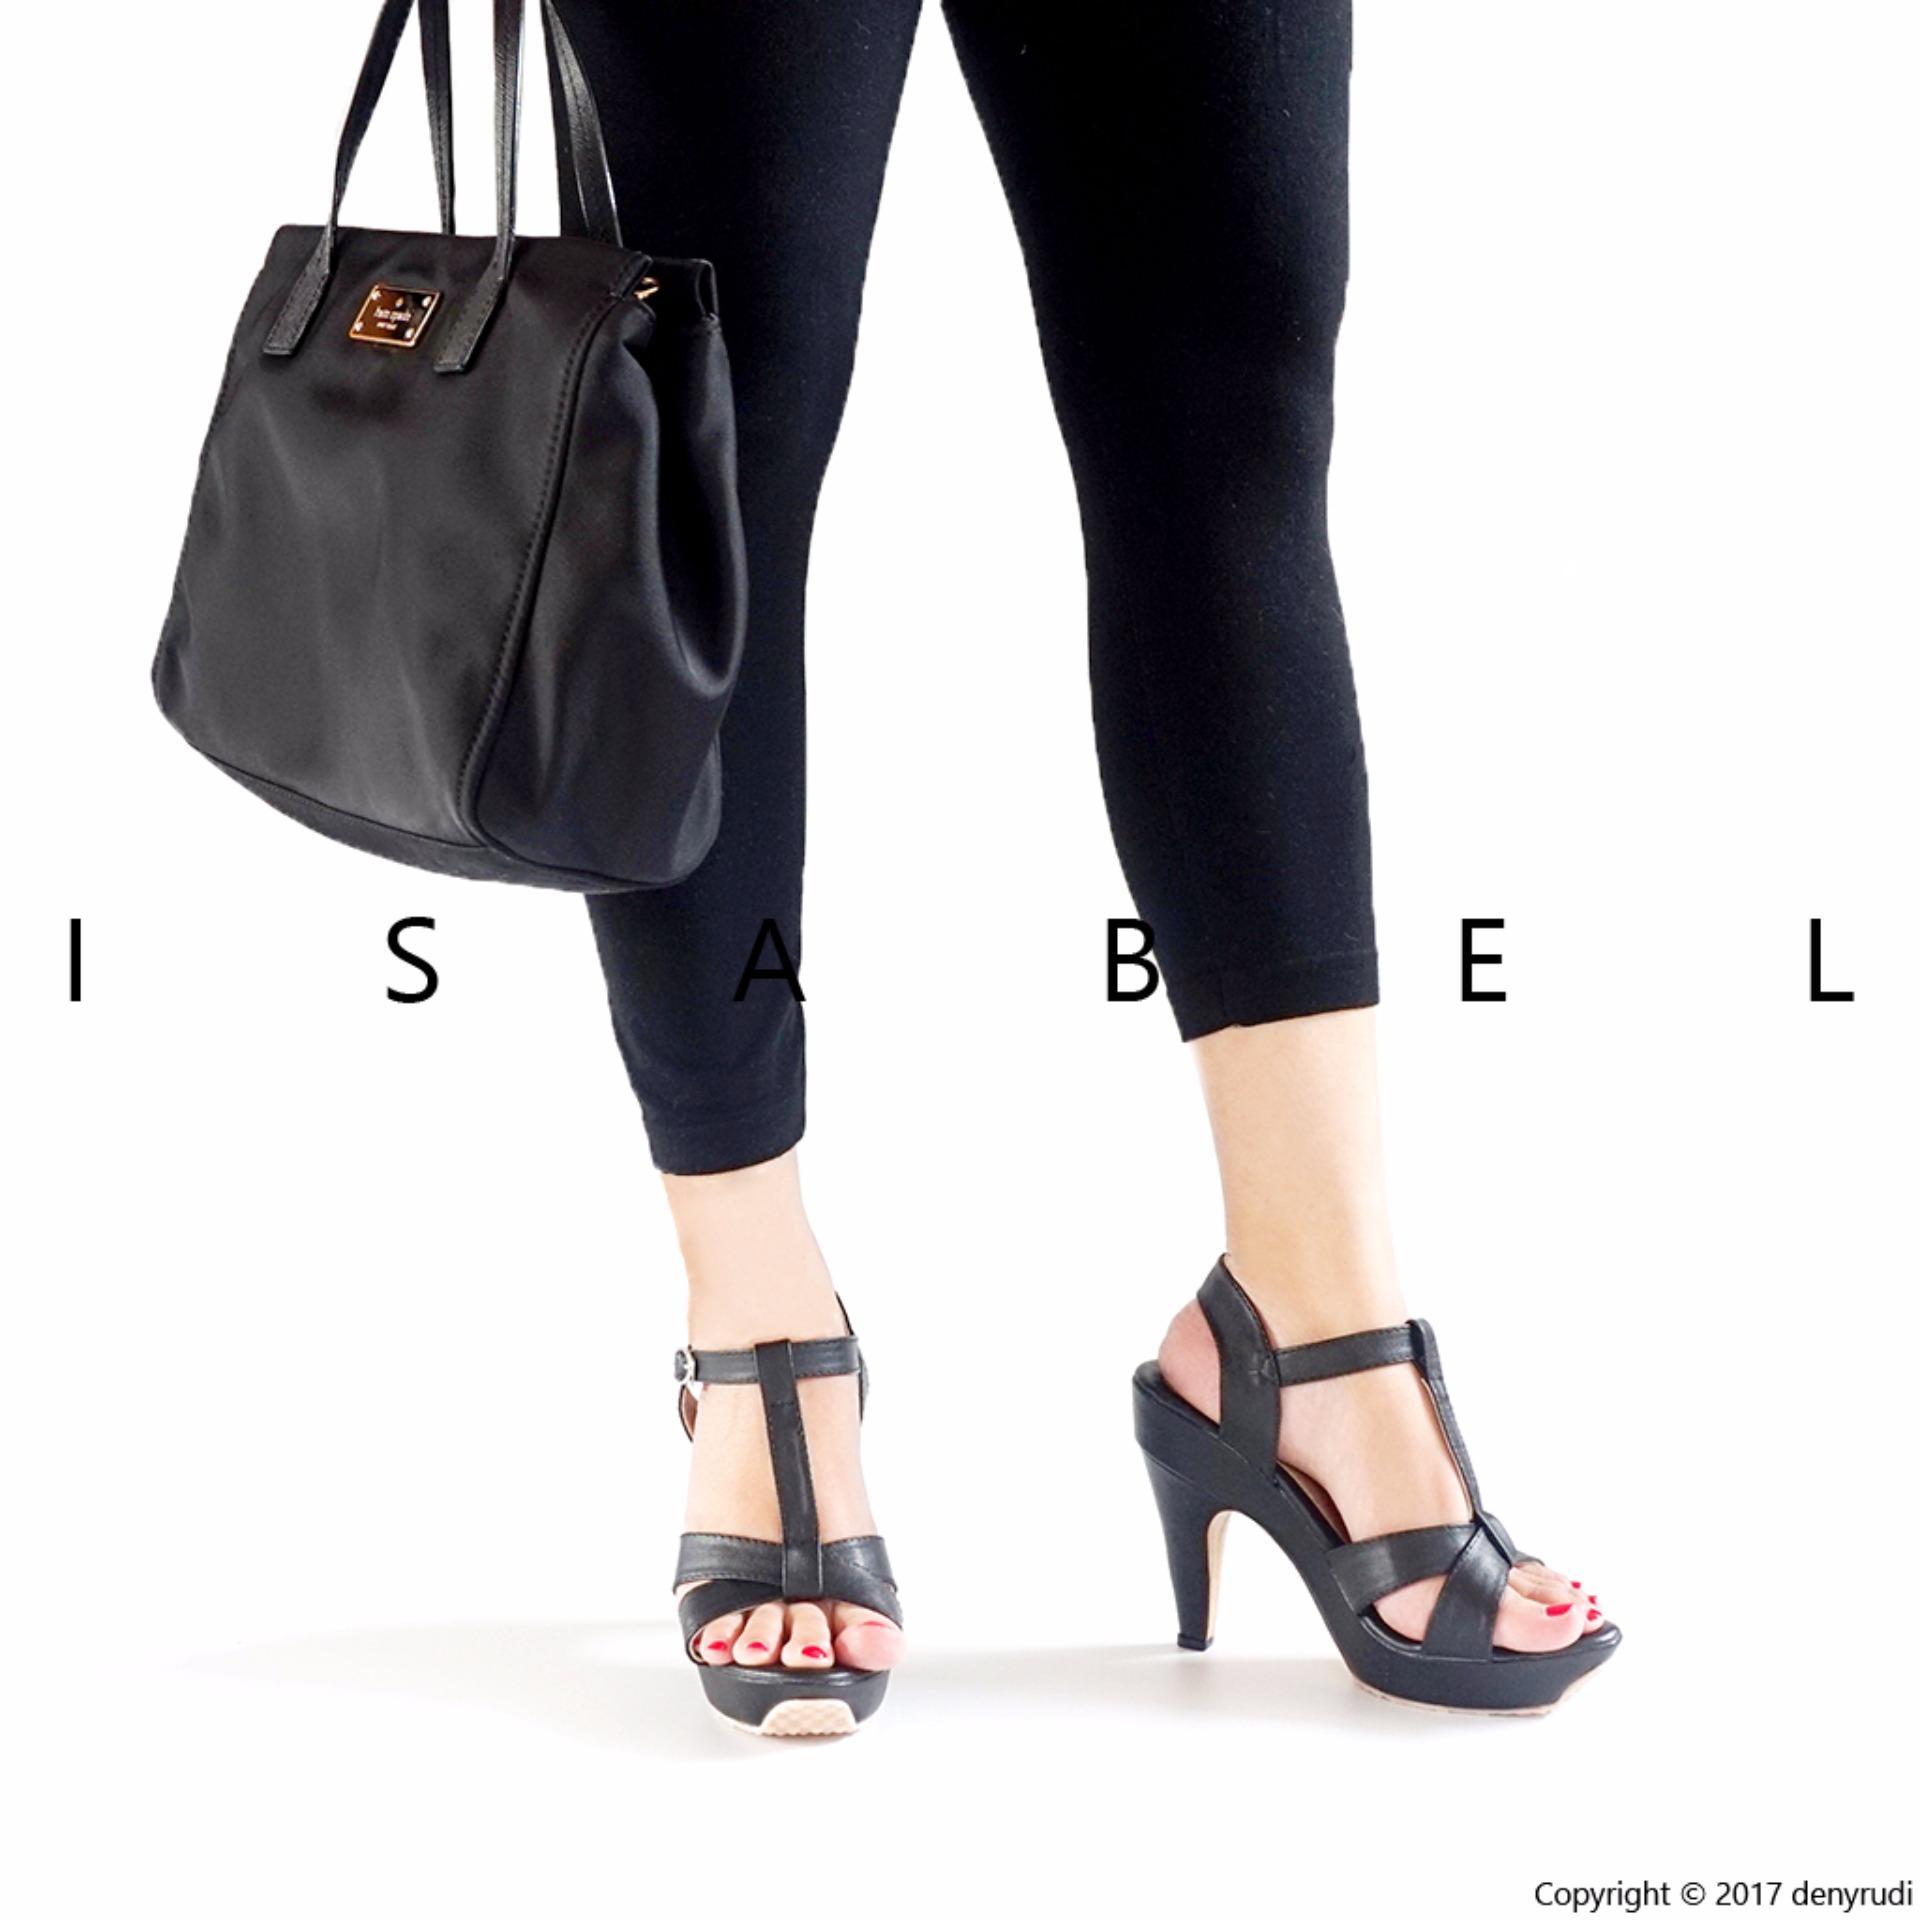 ... Isabel - Sepatu Wanita T STRAP Platform Heels - Hitam ...